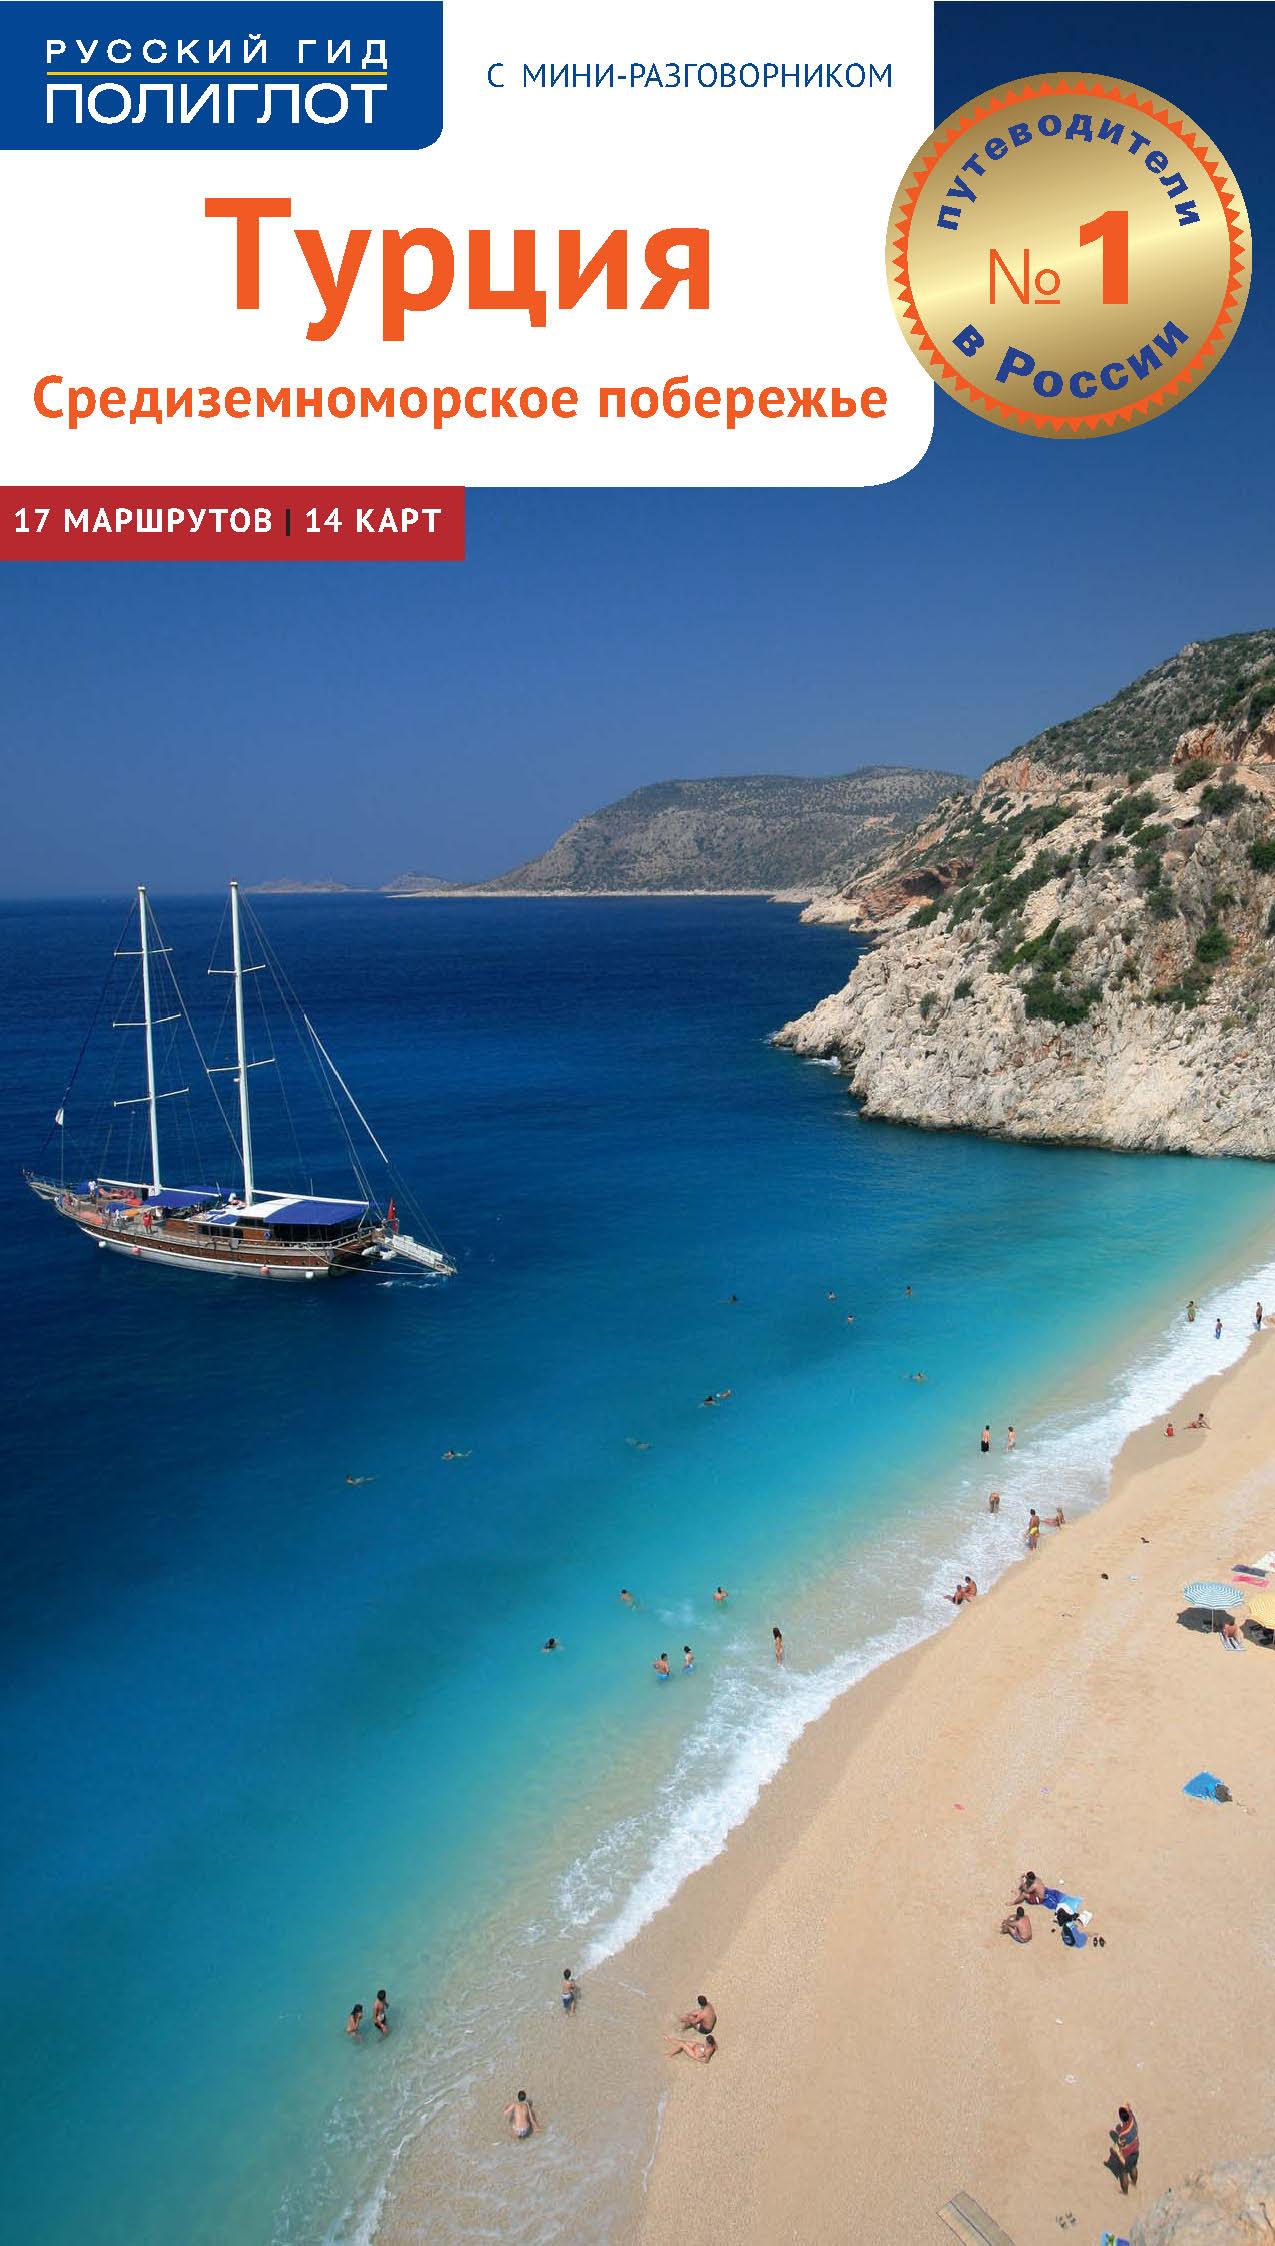 Турция. Средиземноморское побережье. Путеводитель + мини-разговорник